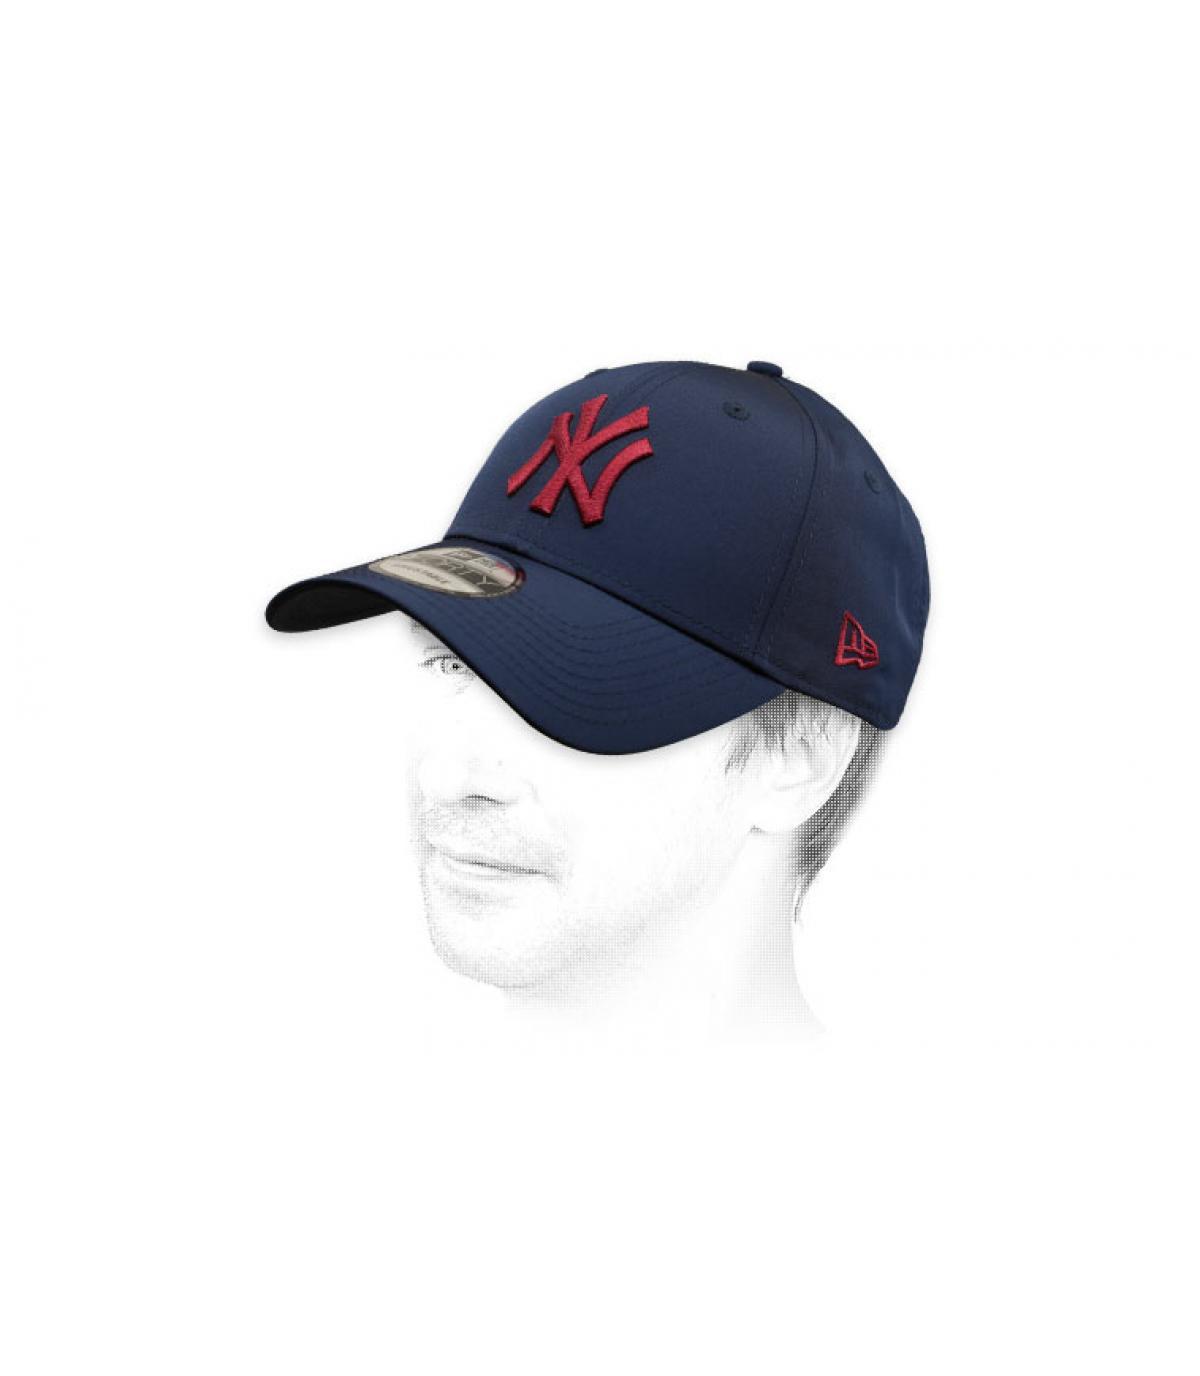 gorra NY azul granate